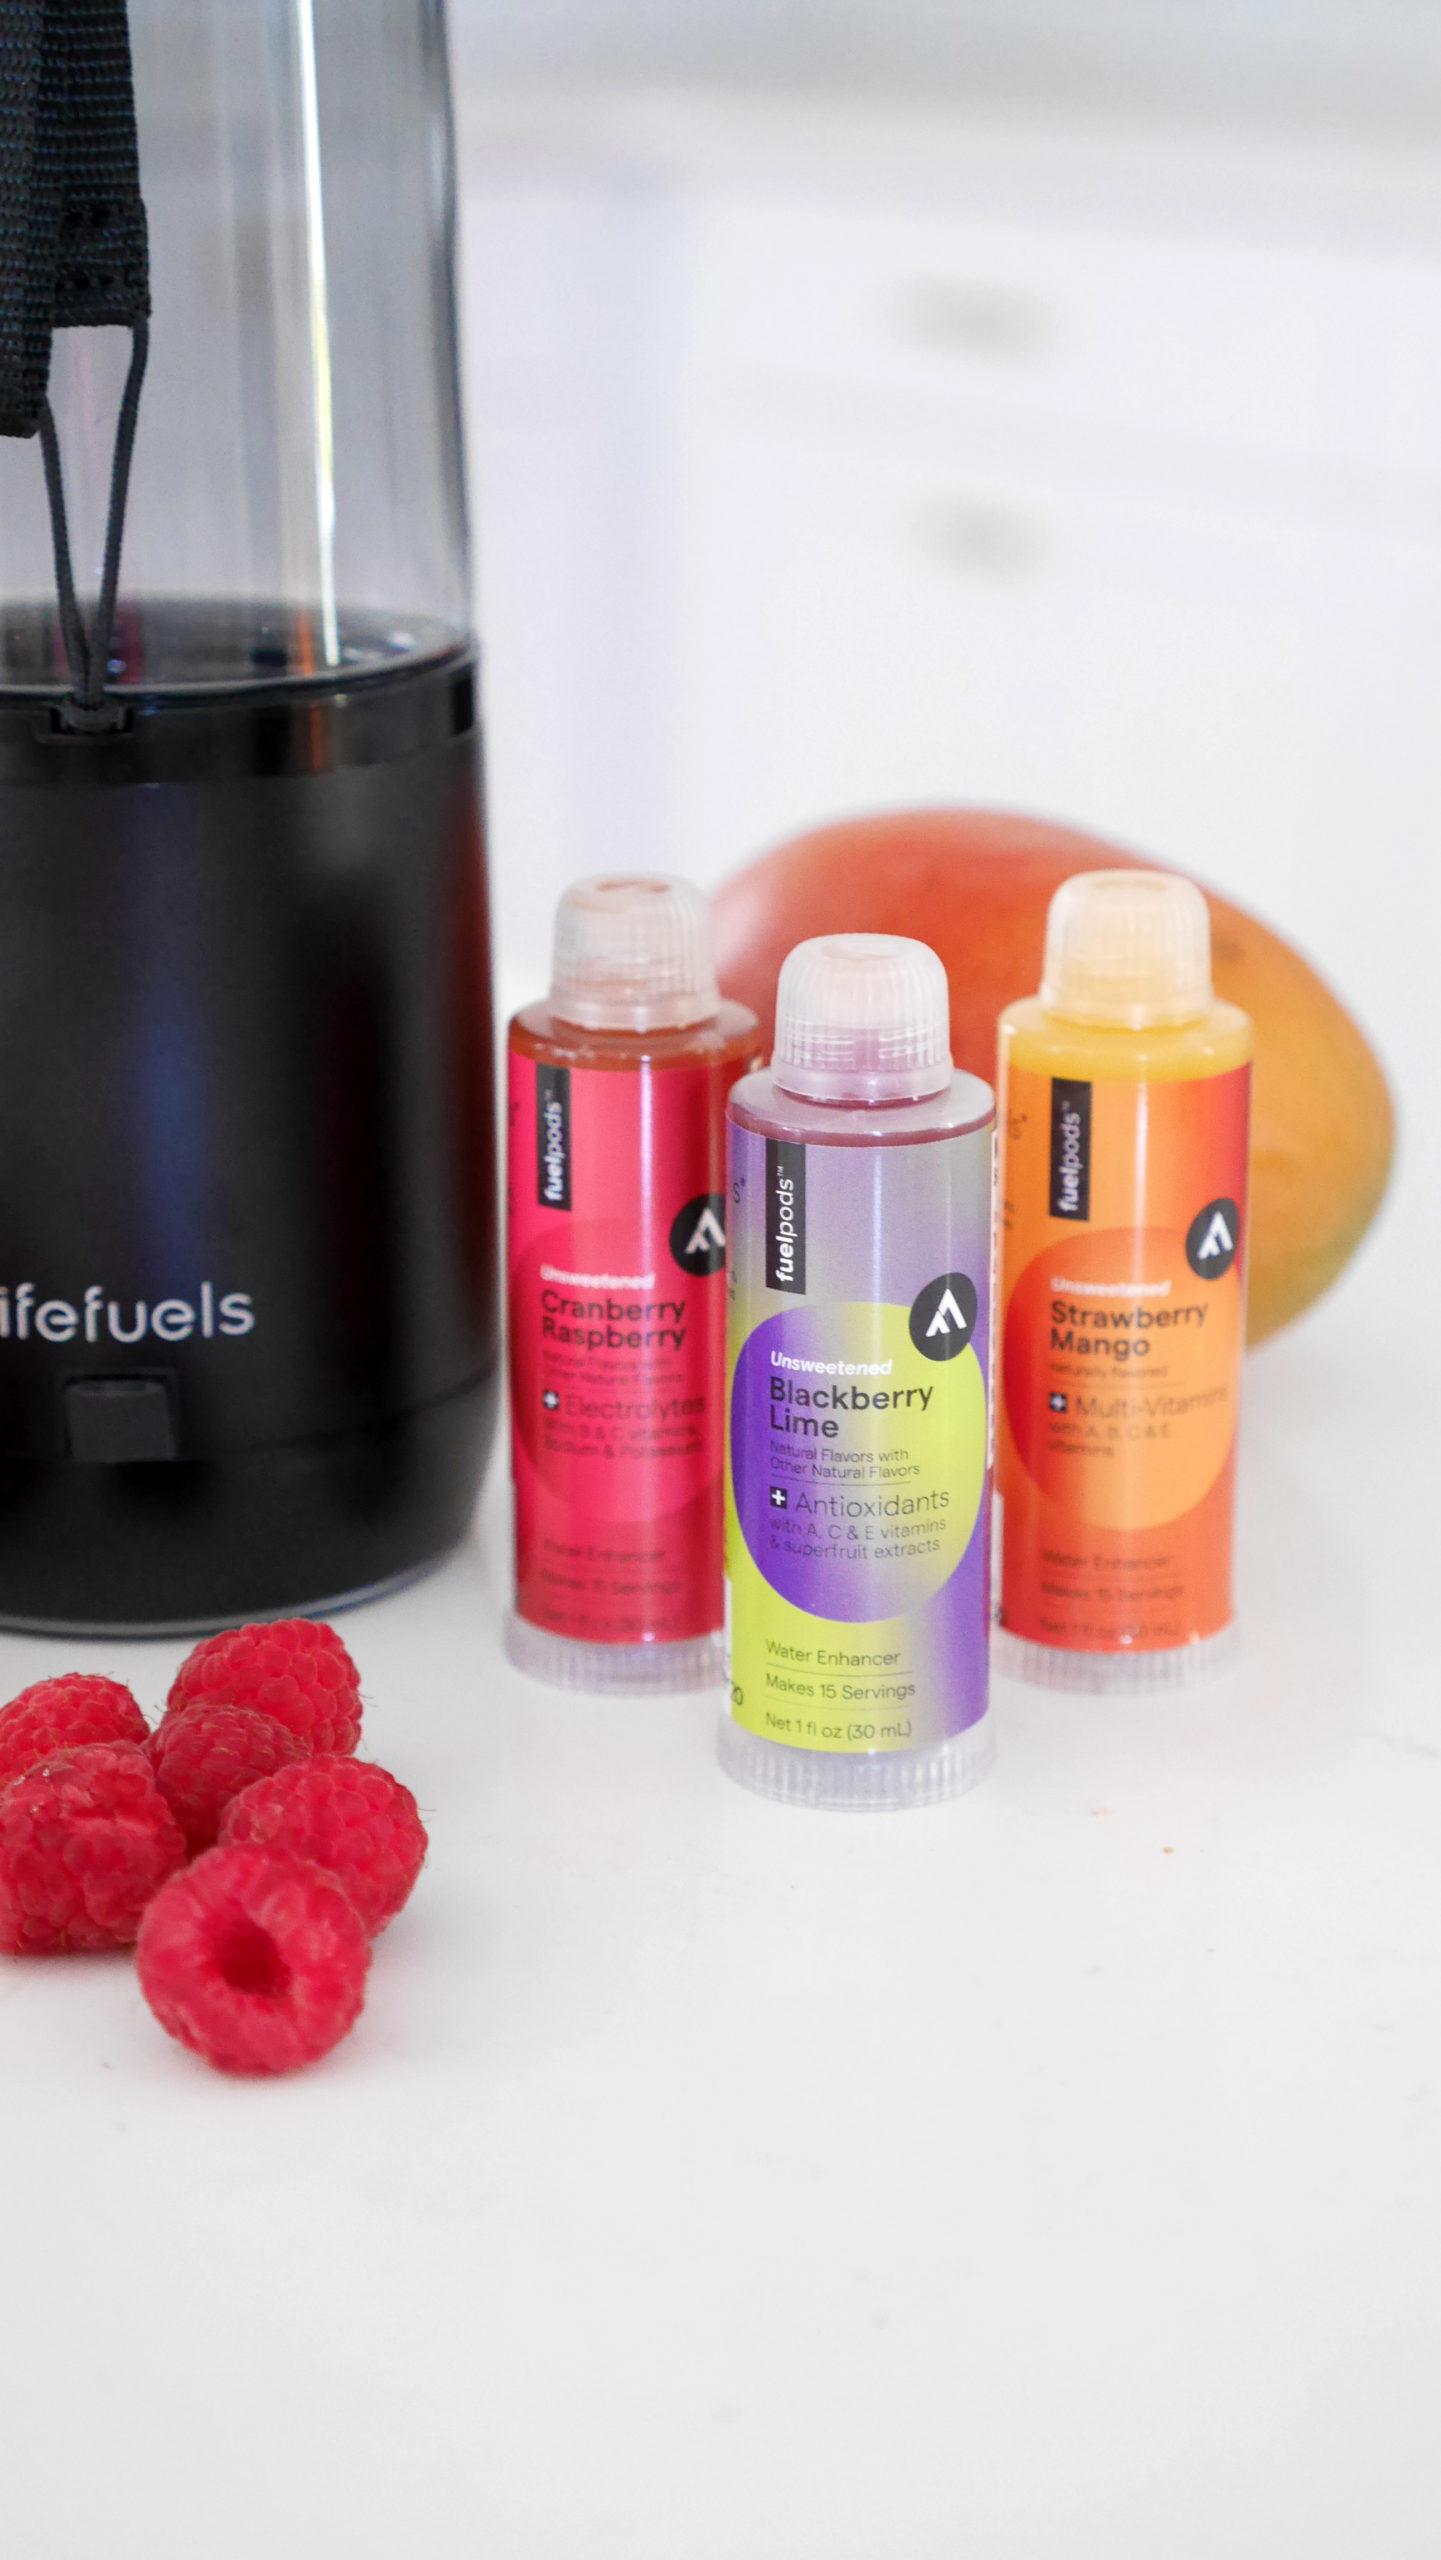 Lifefuels